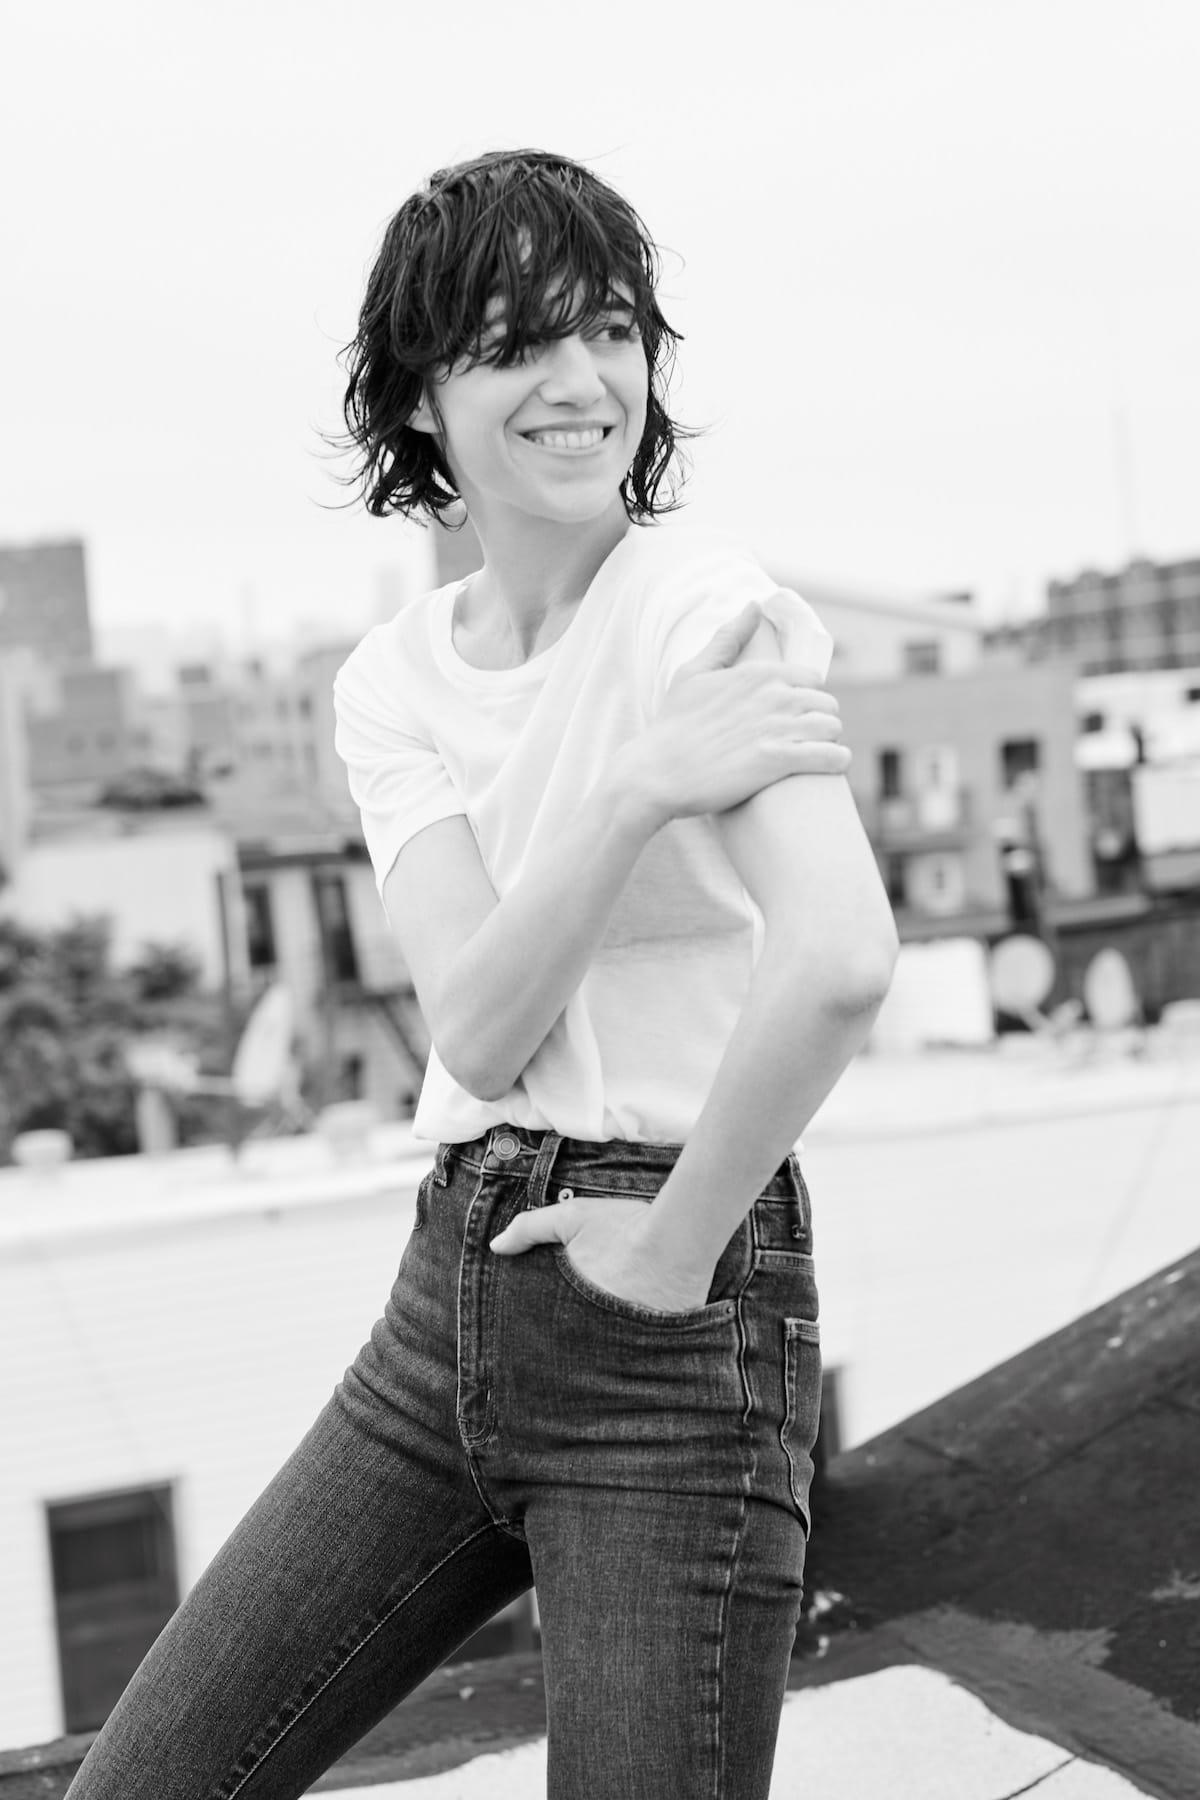 【インタビュー】来日公演間近!フレンチ・アイコン、シャルロット・ゲンズブールが語る、NY生活と日本への想い interview_charlottegainsbourg_2-1200x1800